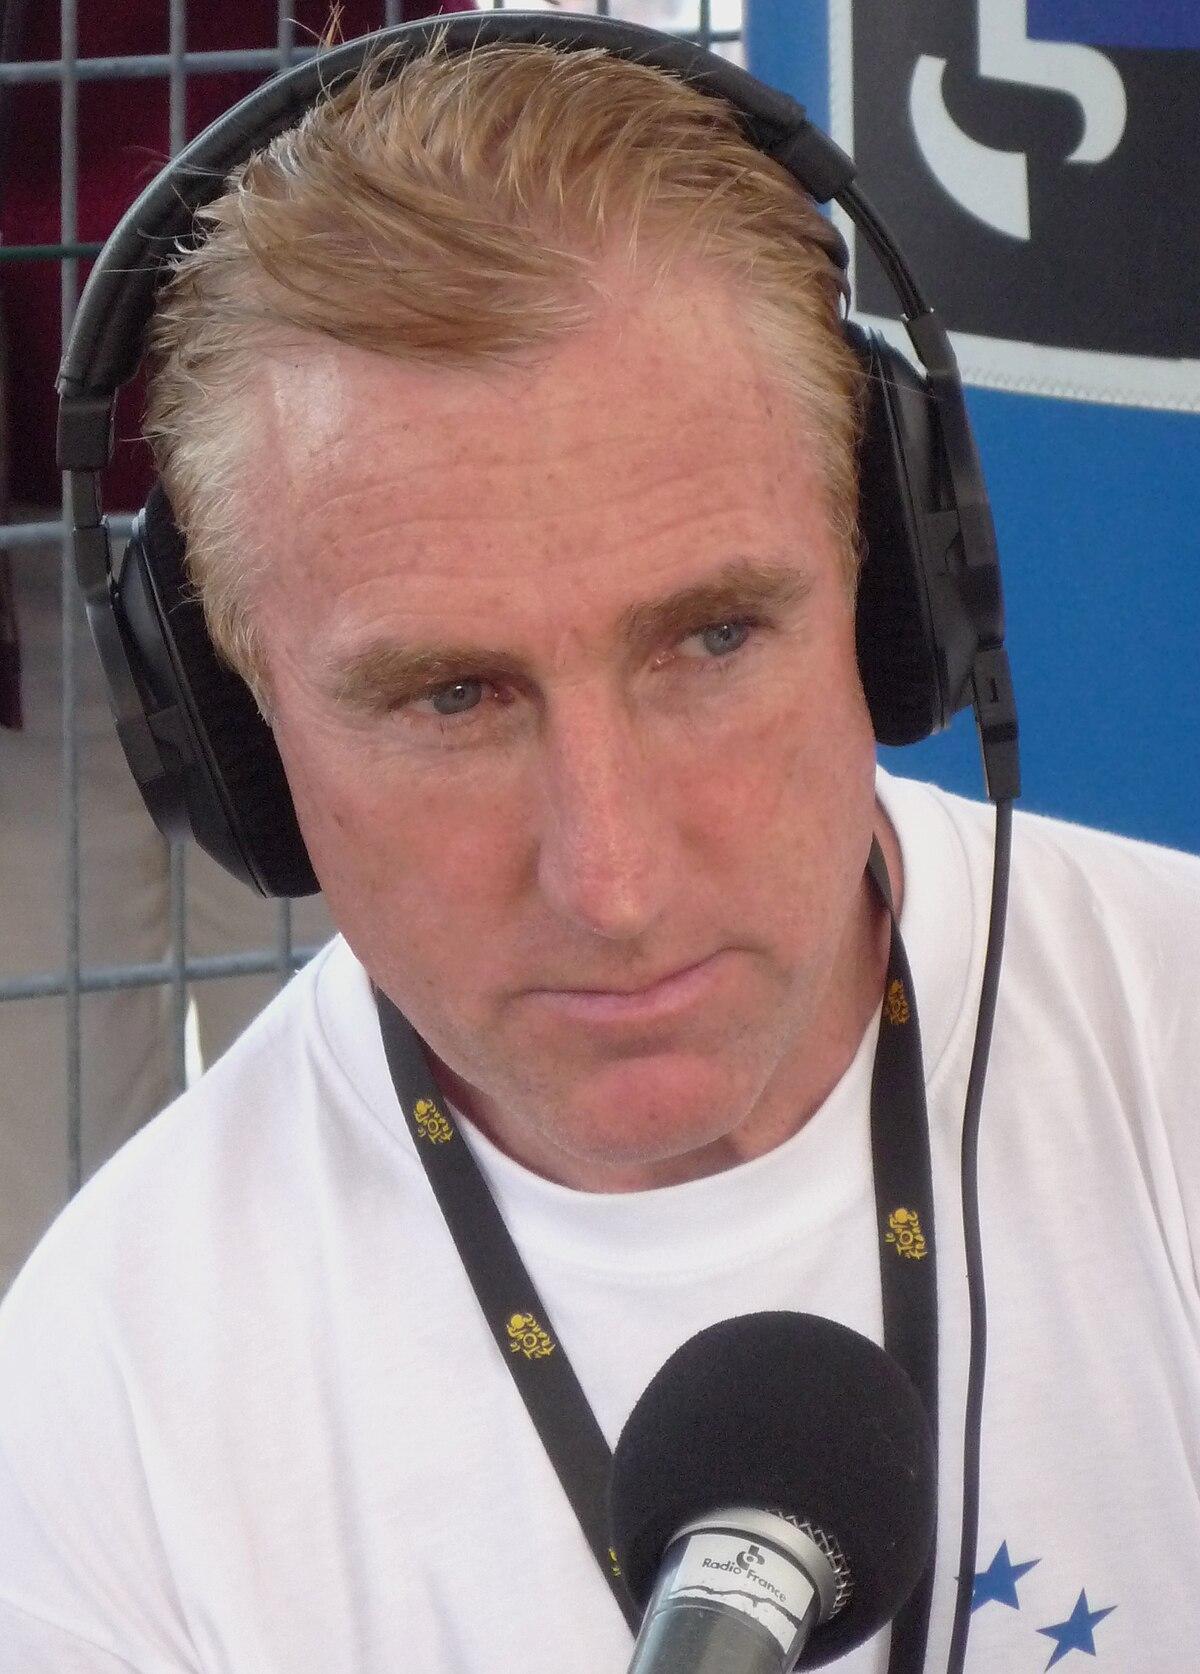 Sean Kelly Cyclist Wikipedia